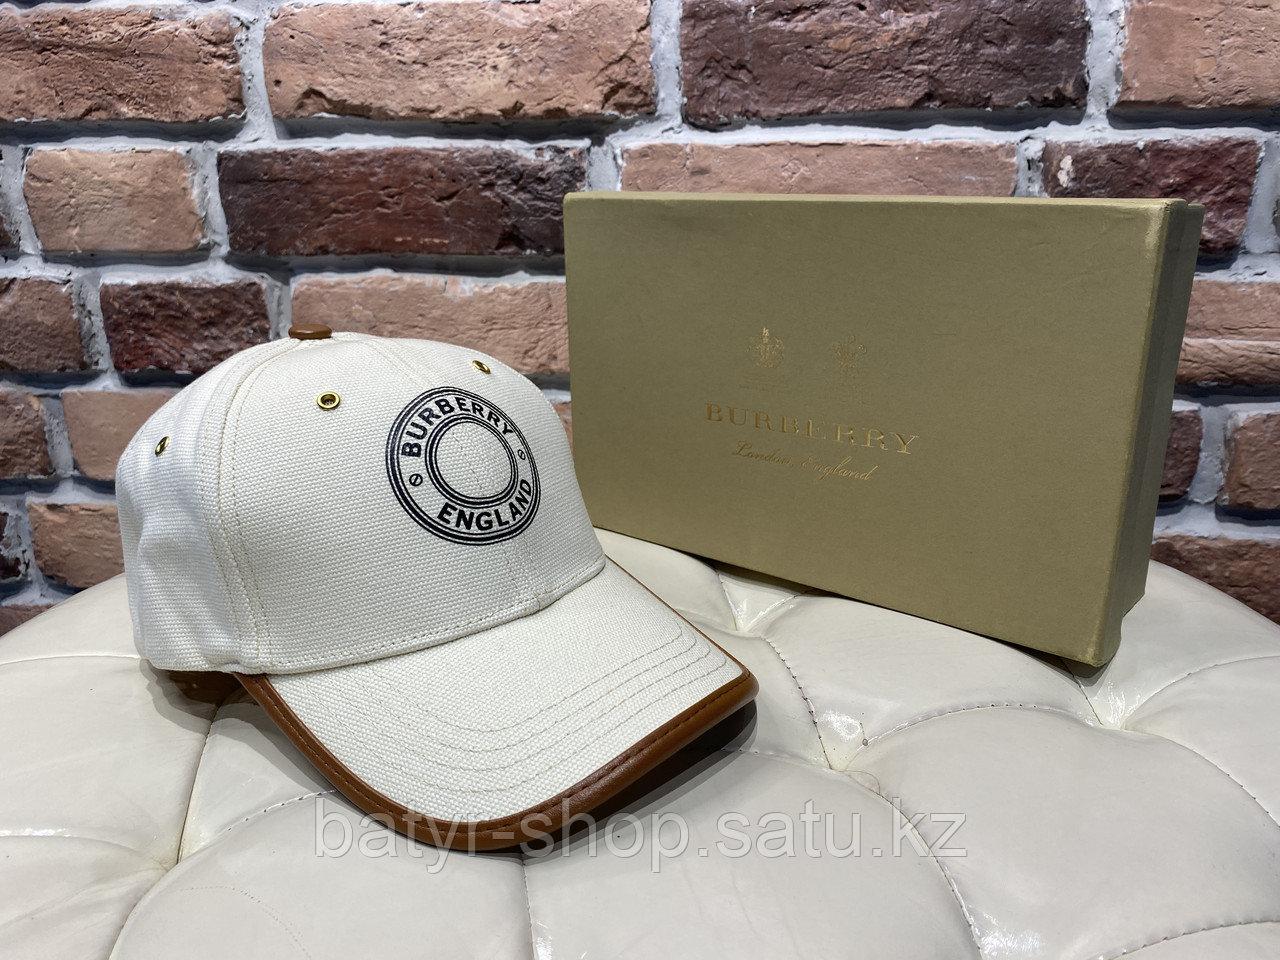 Кепка-бейсболка Burberry (0160)